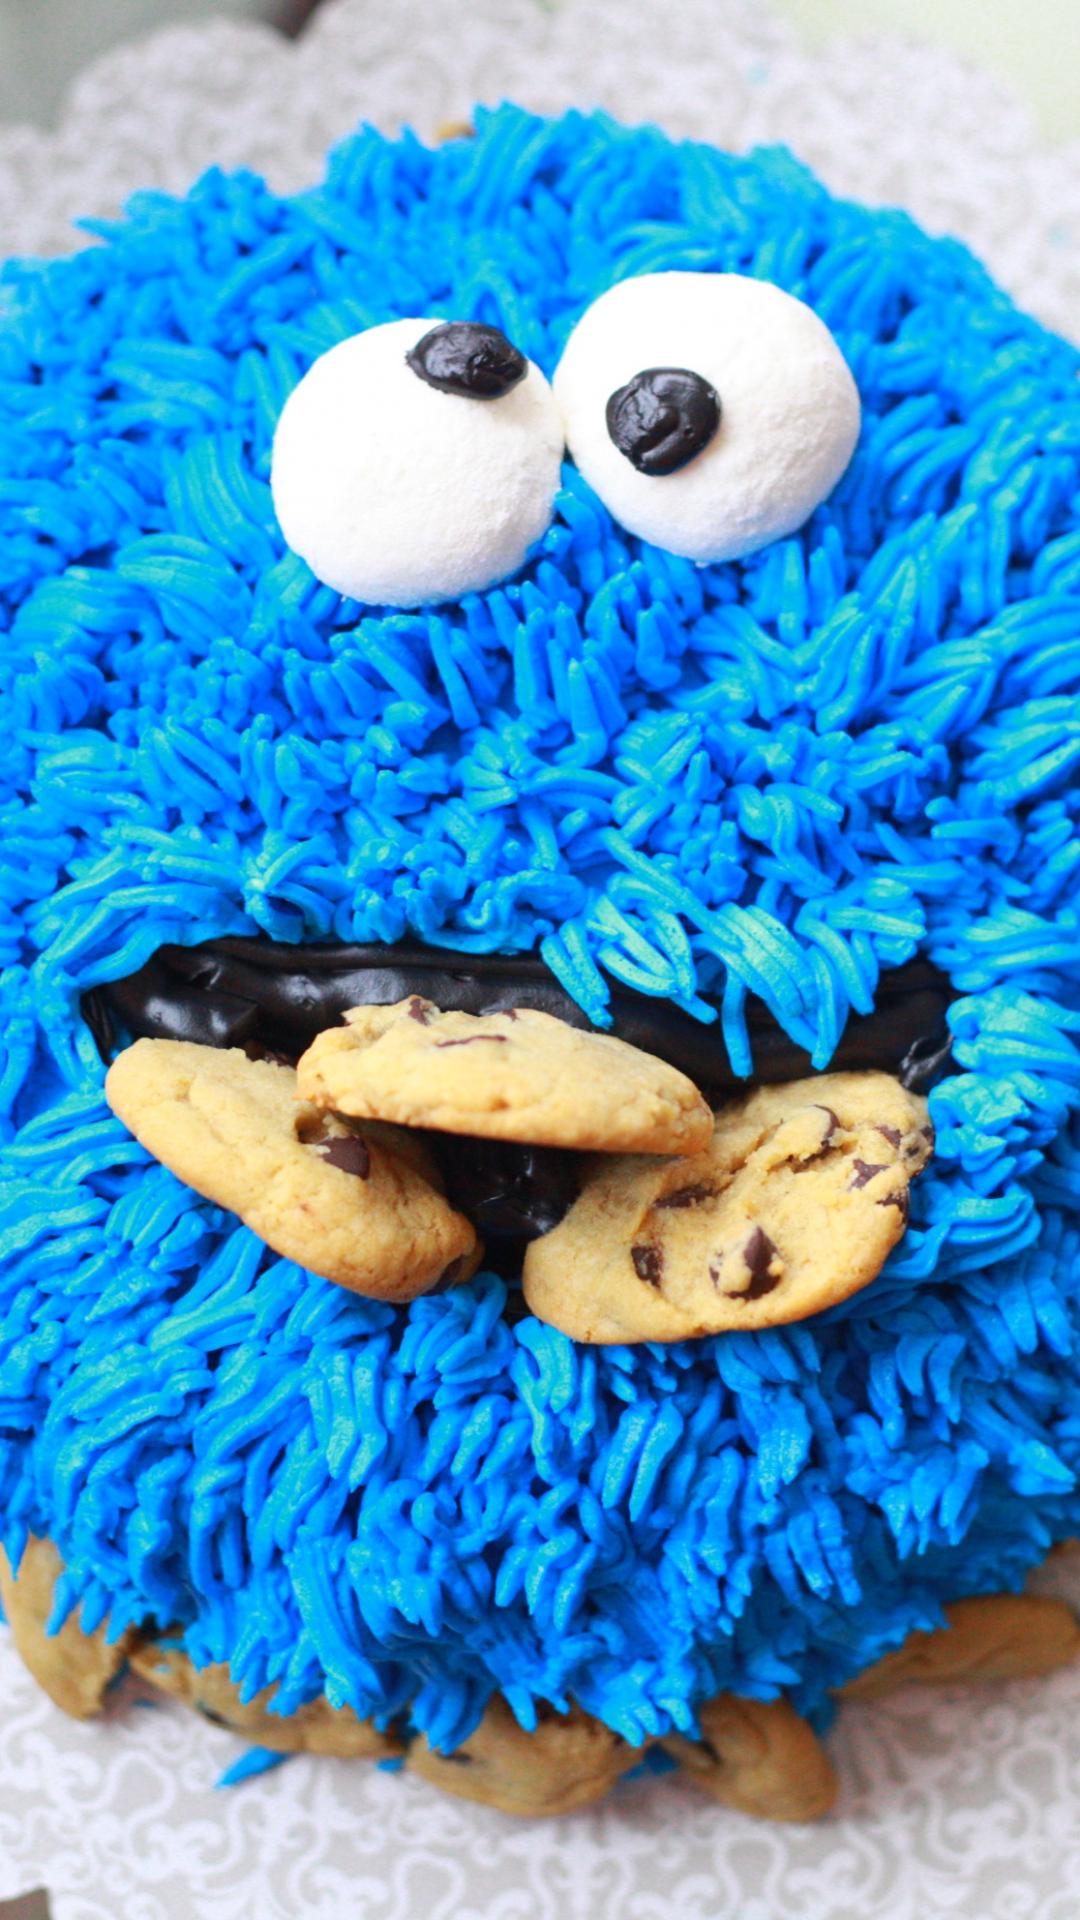 ケーキ面白いお菓子デザートiphone 8 7 Plus壁紙 Iphoneチーズ